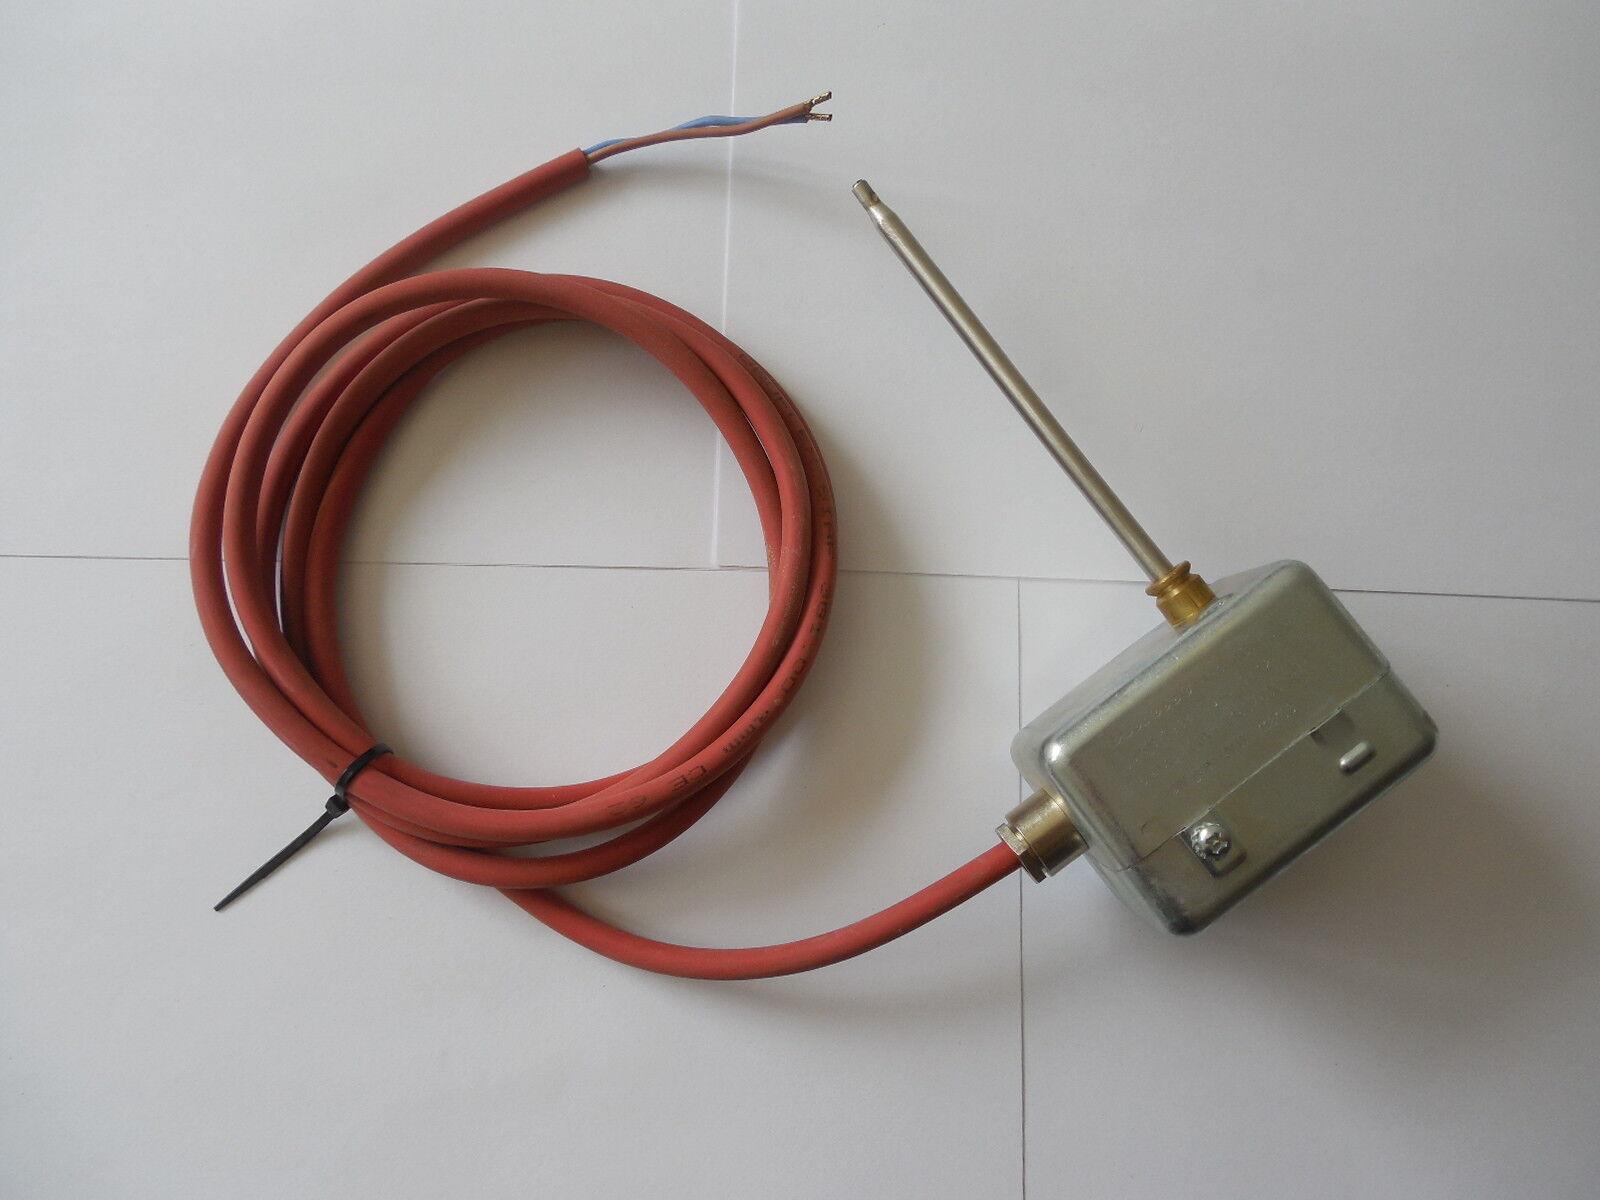 2 x Wodtke 095140 (Cetrotec Rauchgasthermostat Typ 519-6984); Schaltpunkt 50°